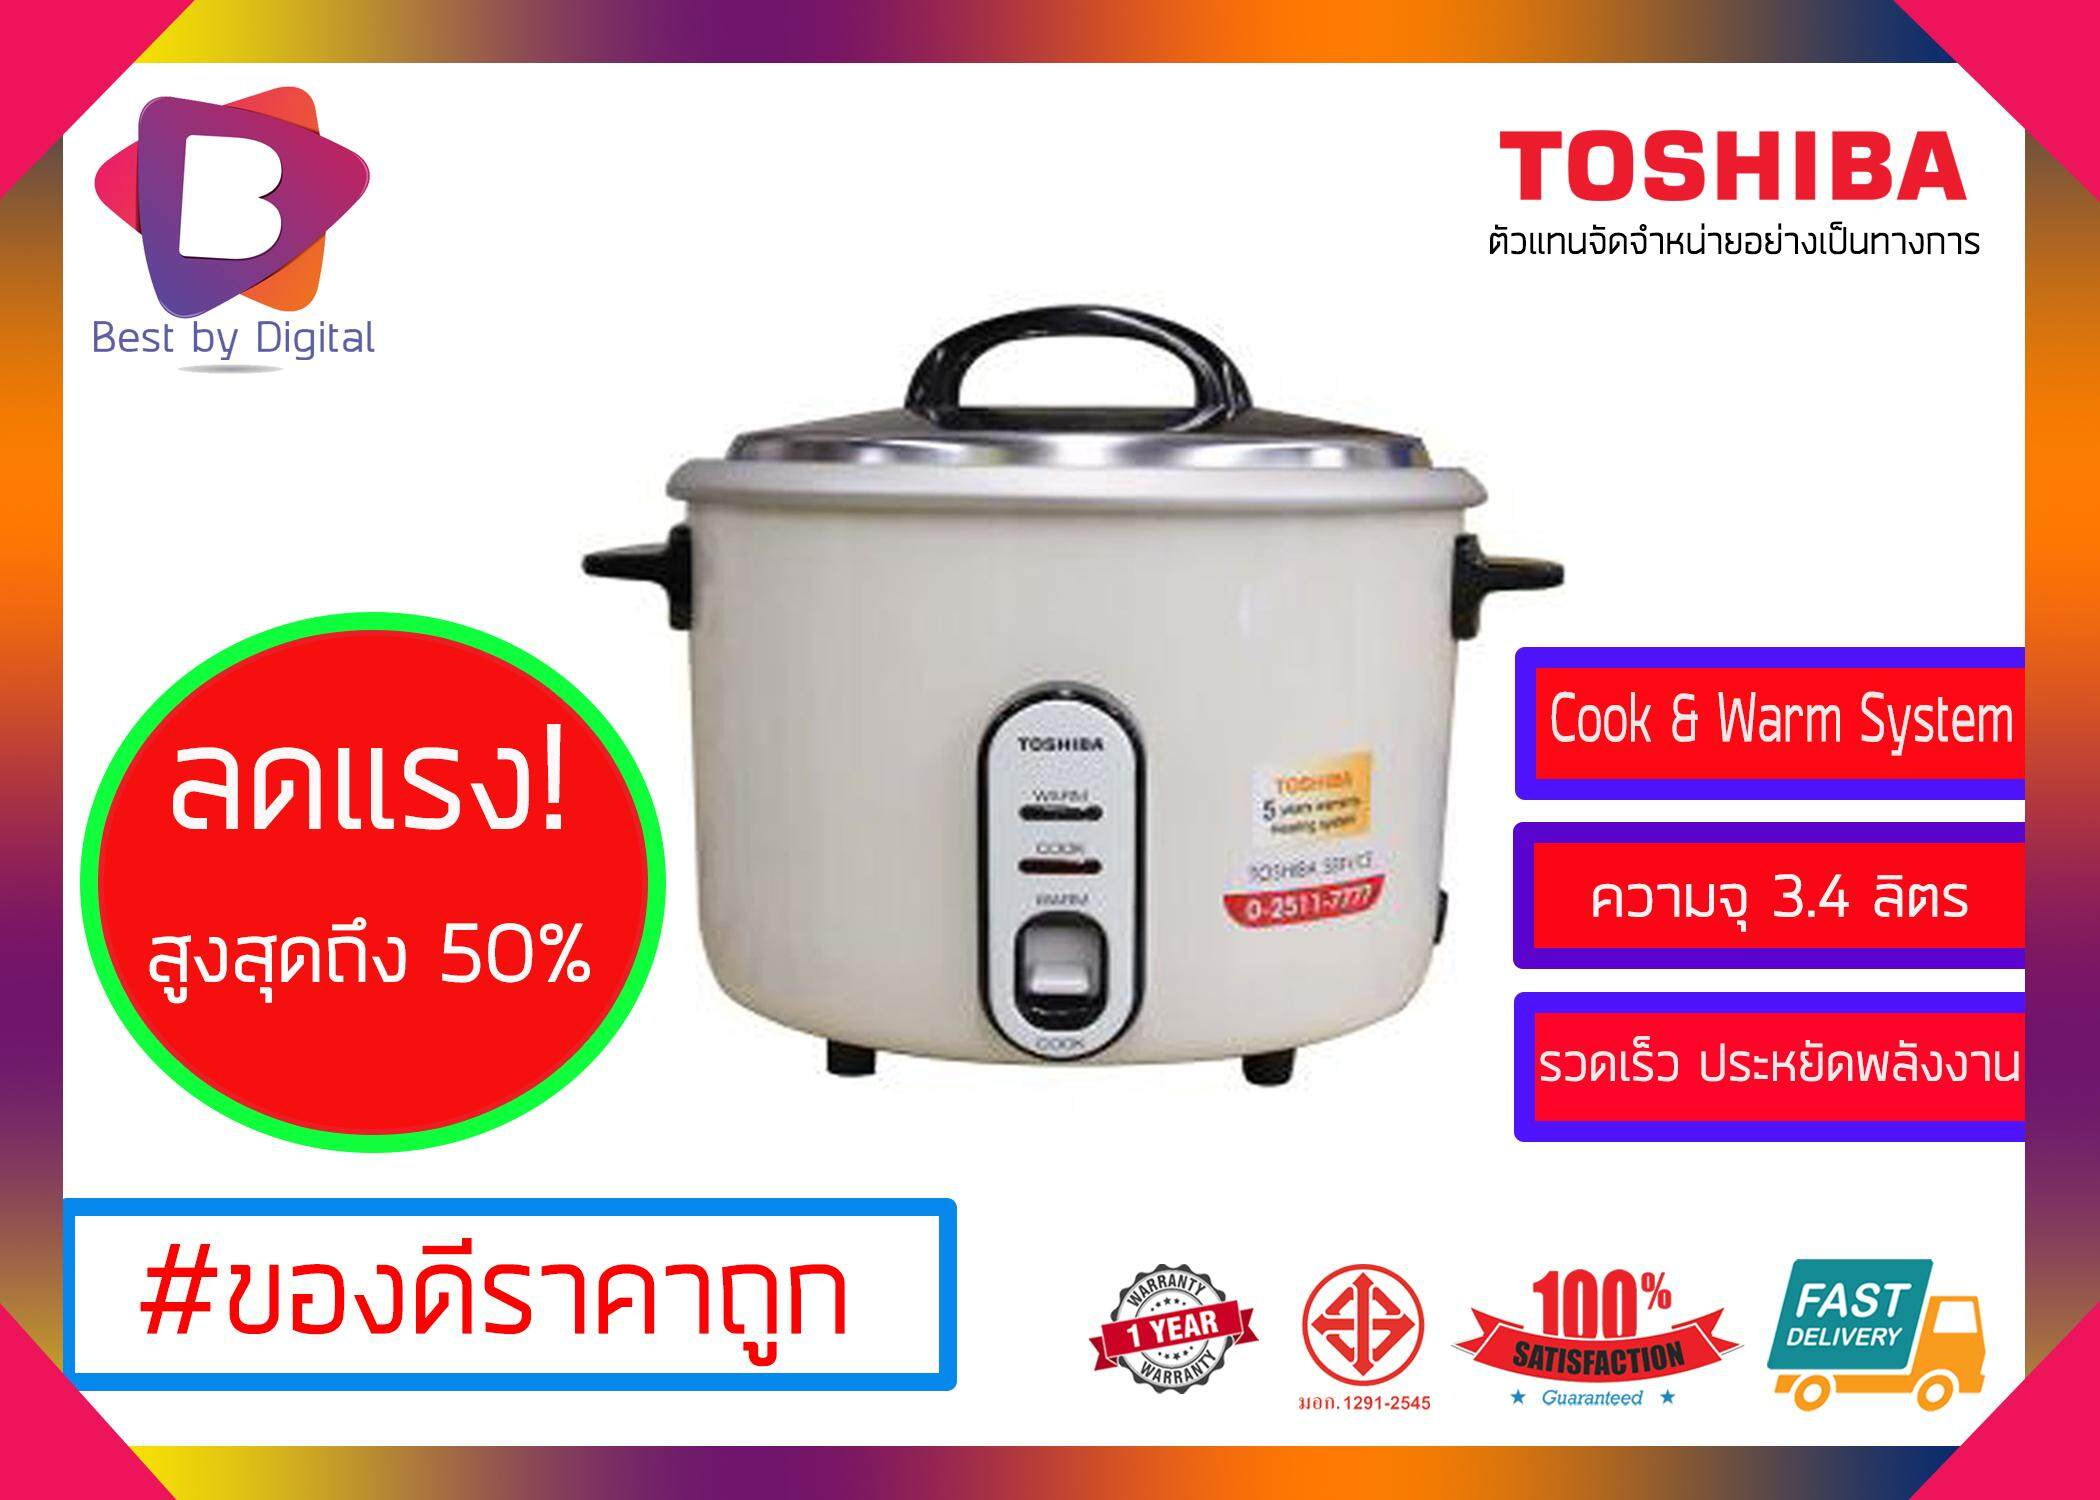 TOSHIBA หม้อหุงข้าว RC-346E ความจุ 3.4 ลิตร